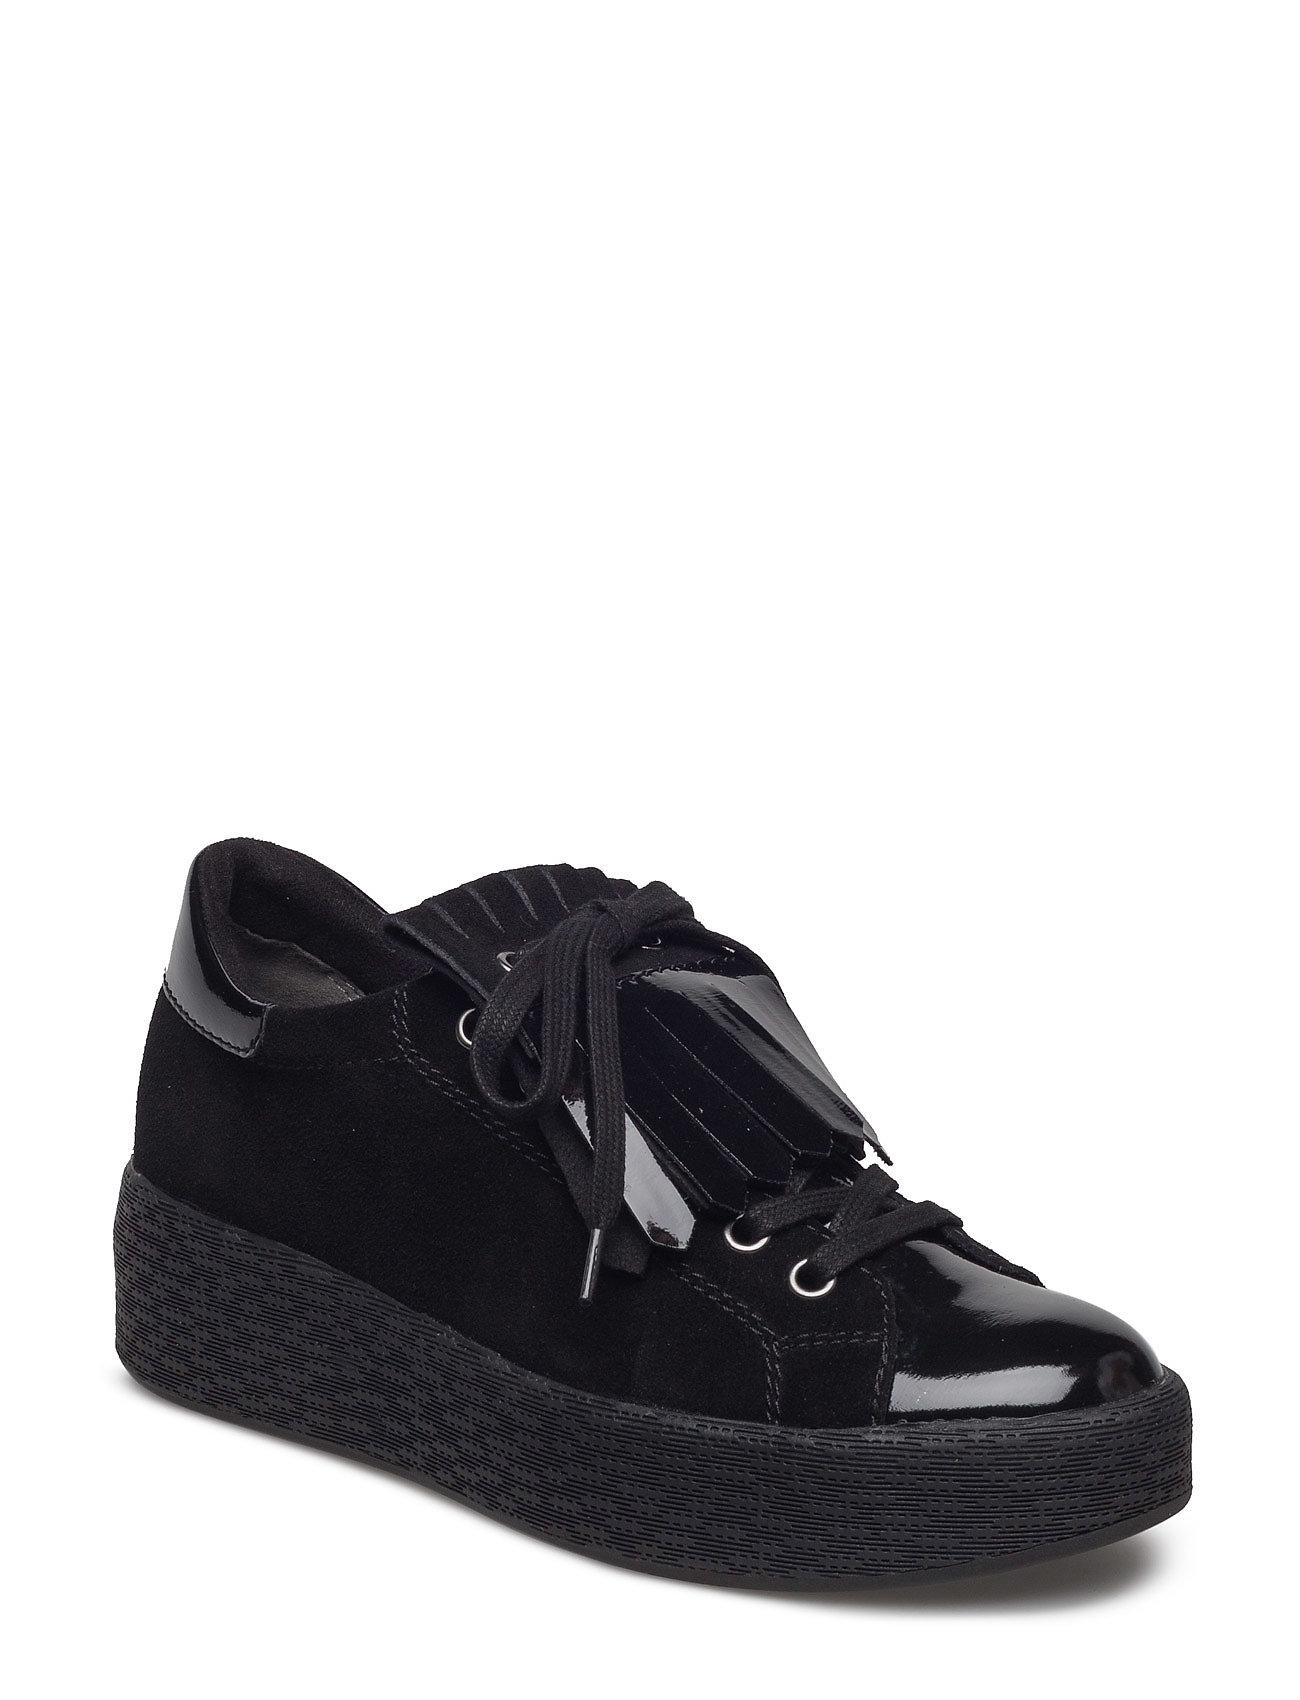 Woms Lace-Up Tamaris Sneakers til Damer i Sort